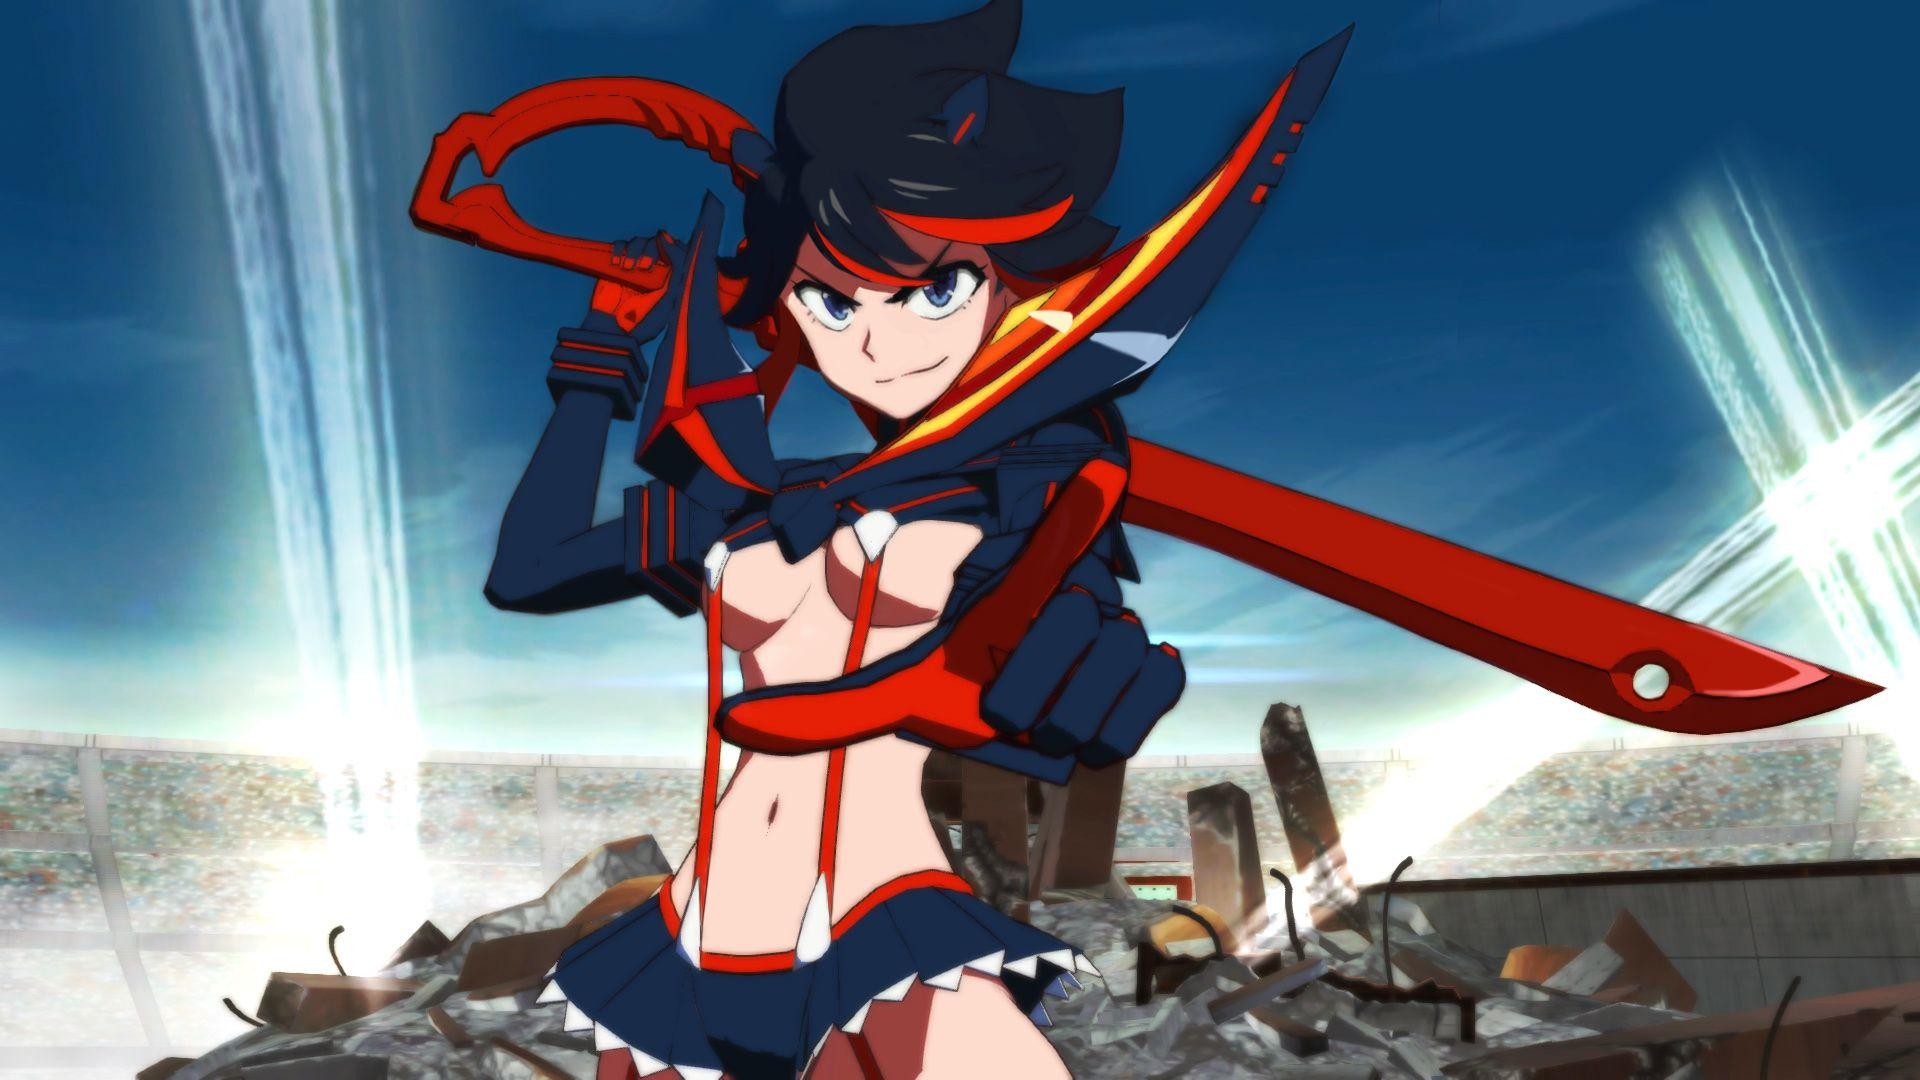 Il gioco è di fatto indistinguibile dalla serie animata.